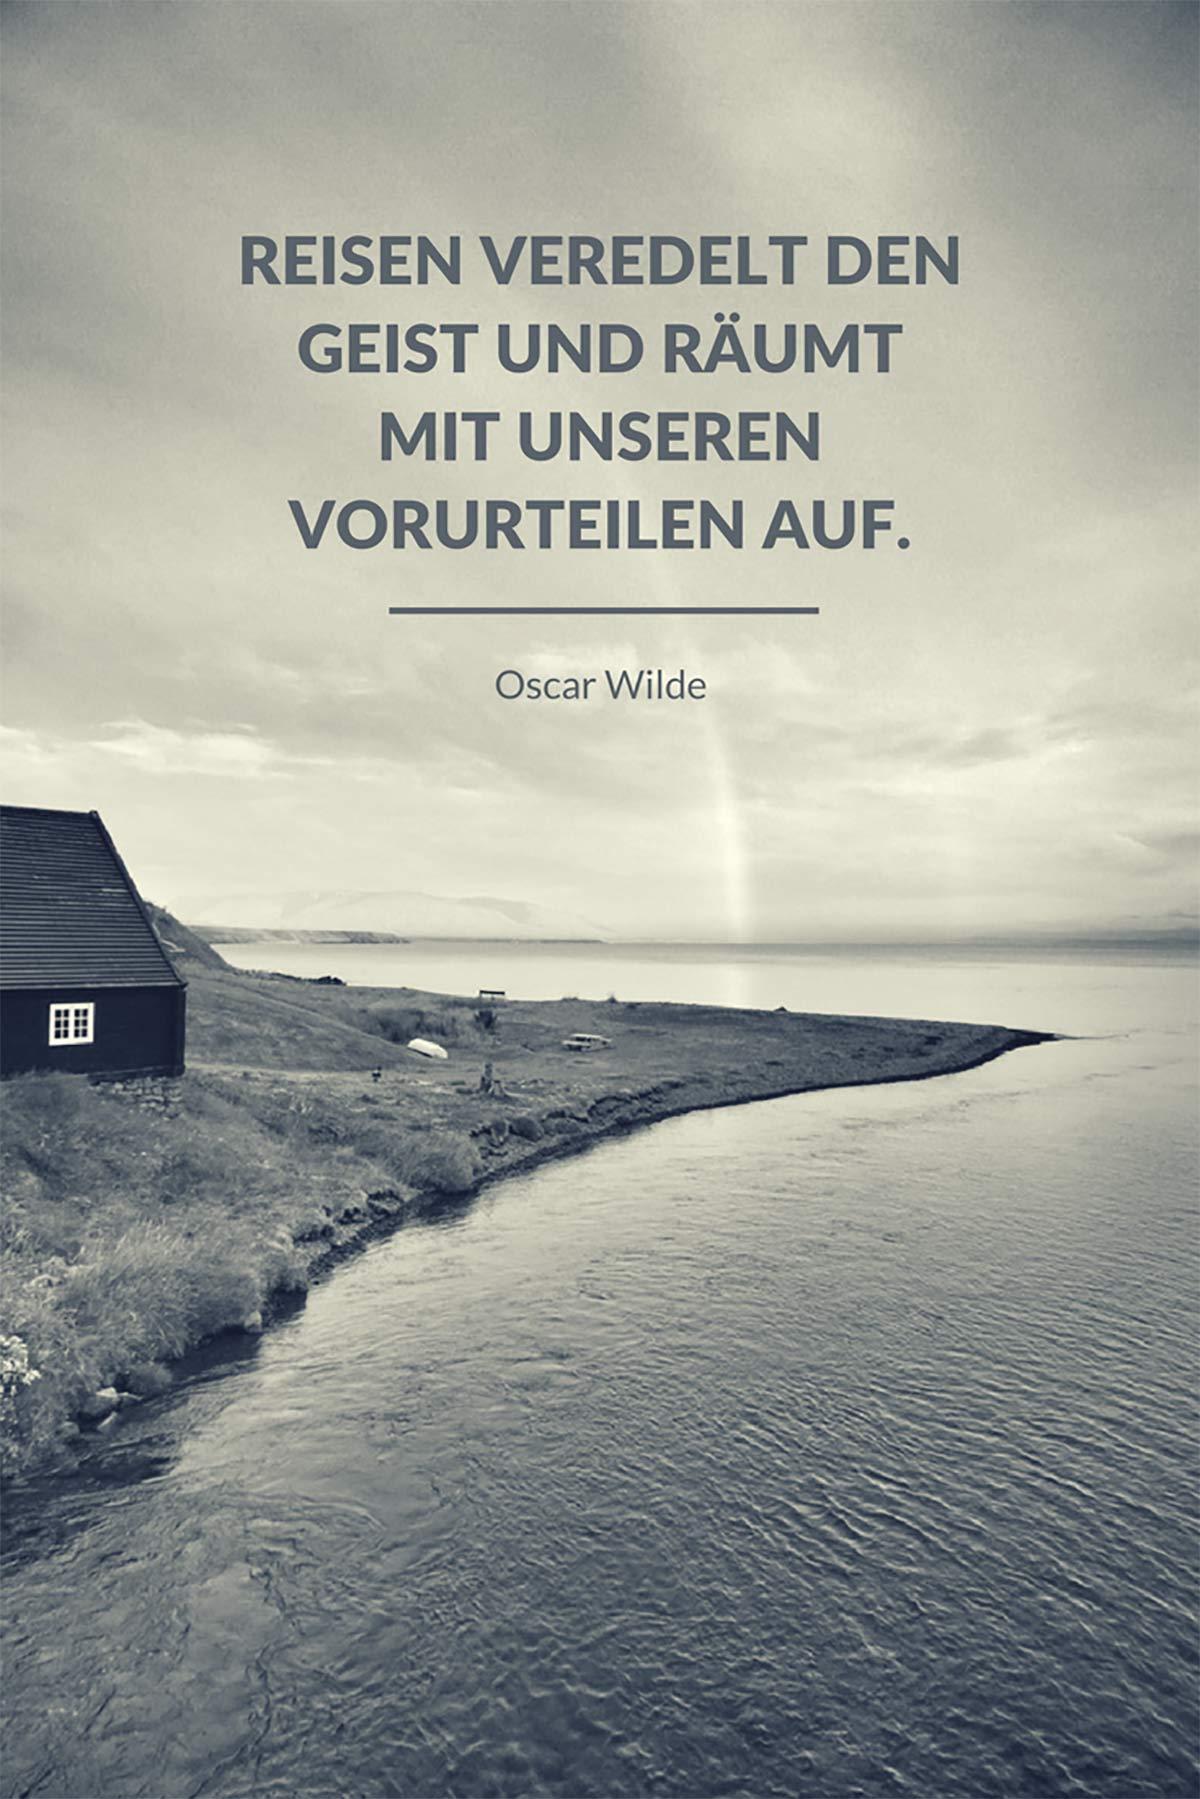 Reisen veredelt den Geist und räumt mit unseren Vorurteilen auf. – Oscar Wilde